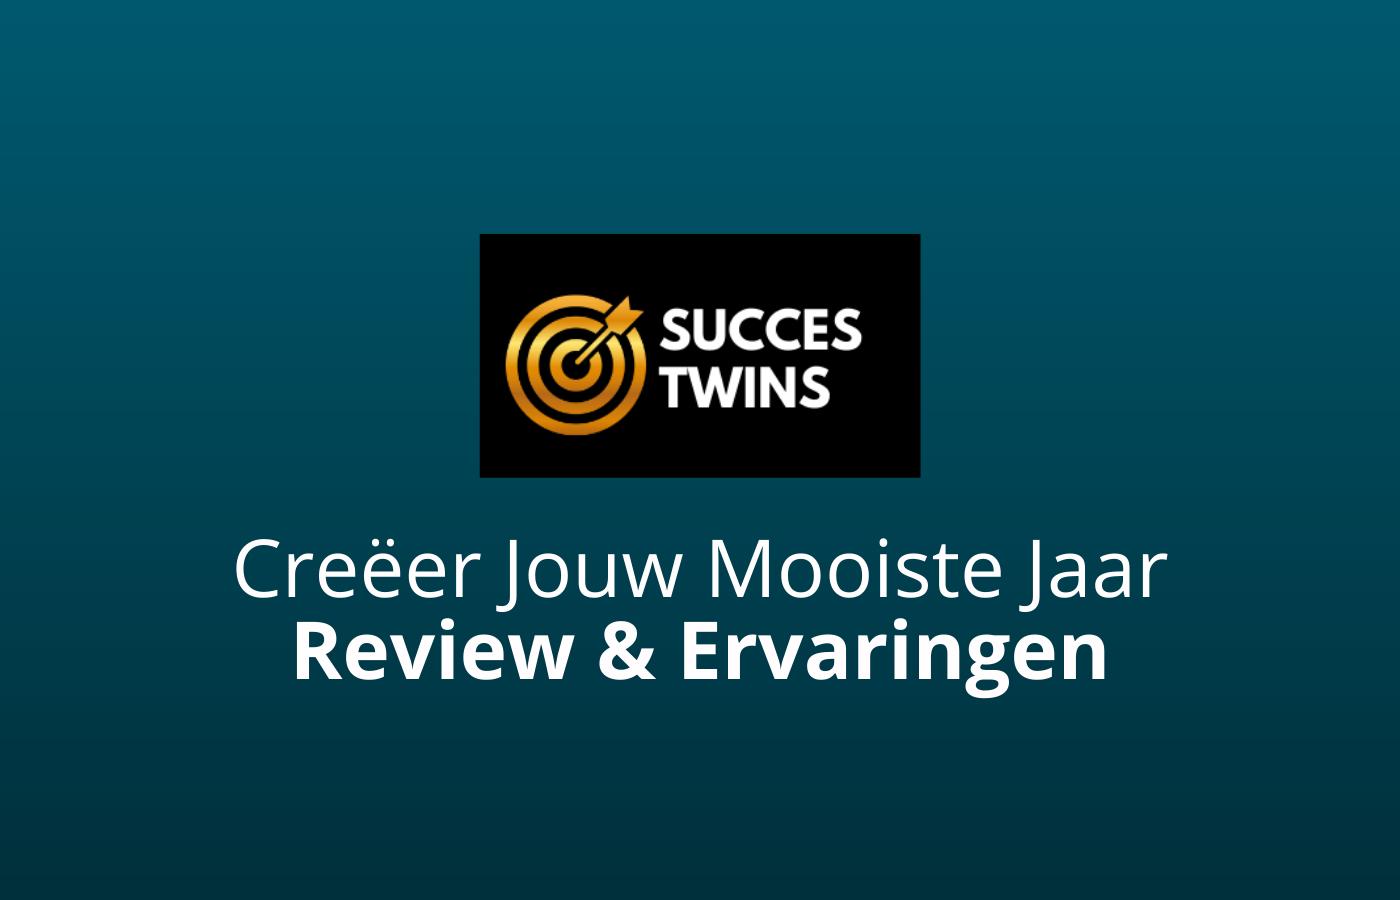 succes twins review en ervaringen